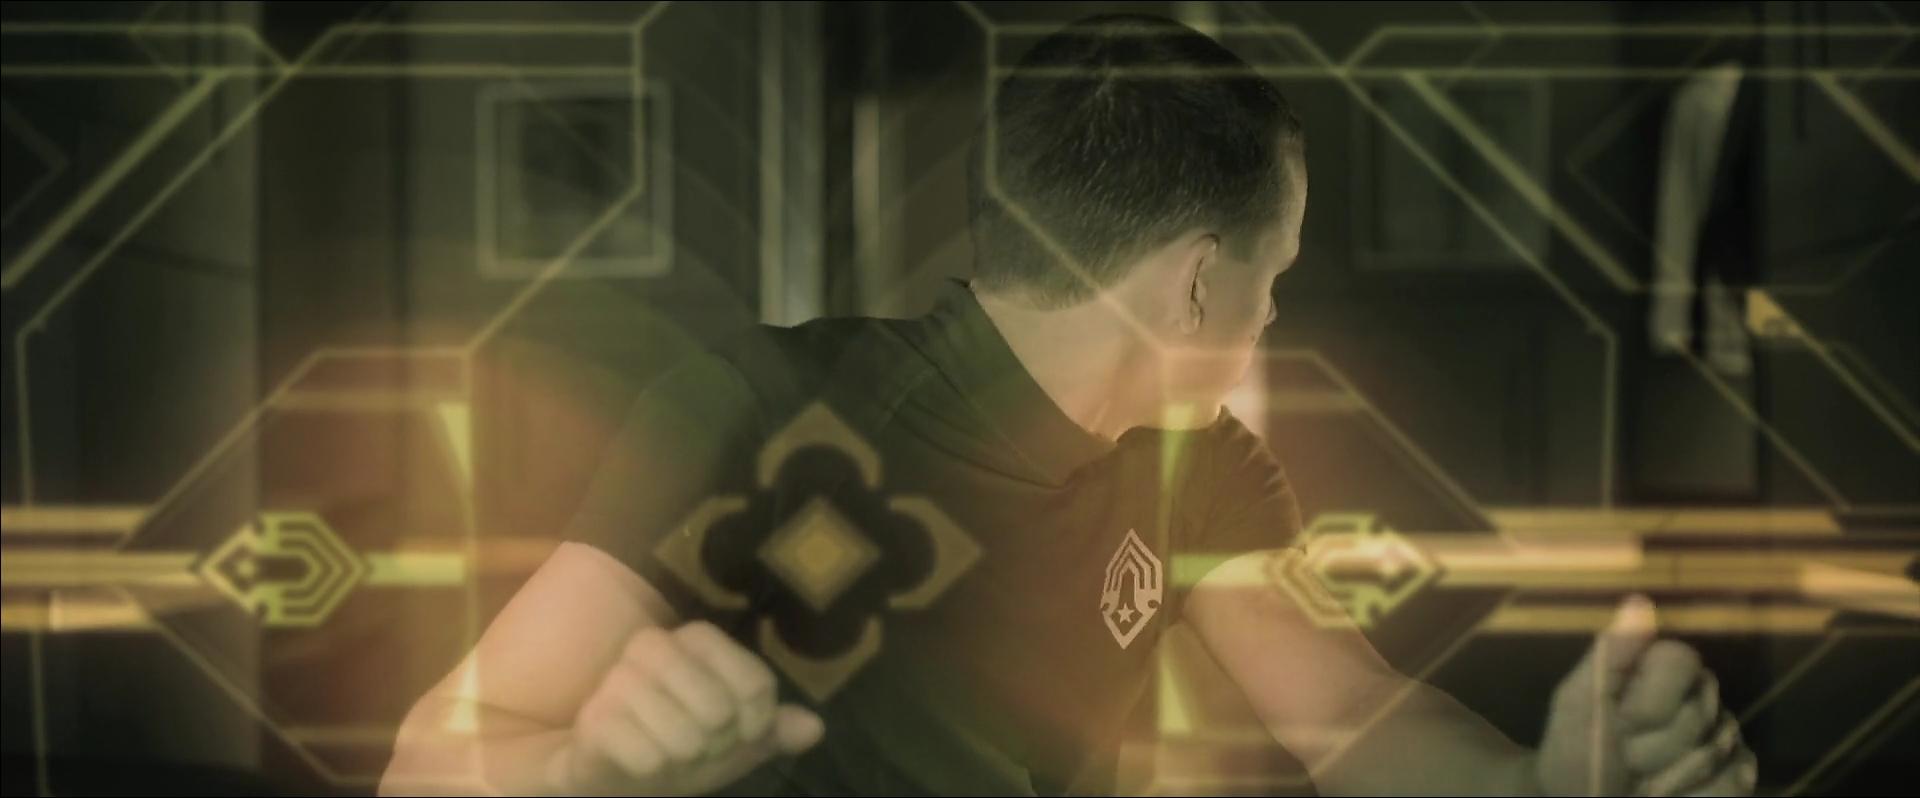 Halo4 Forward UntoDawn201221